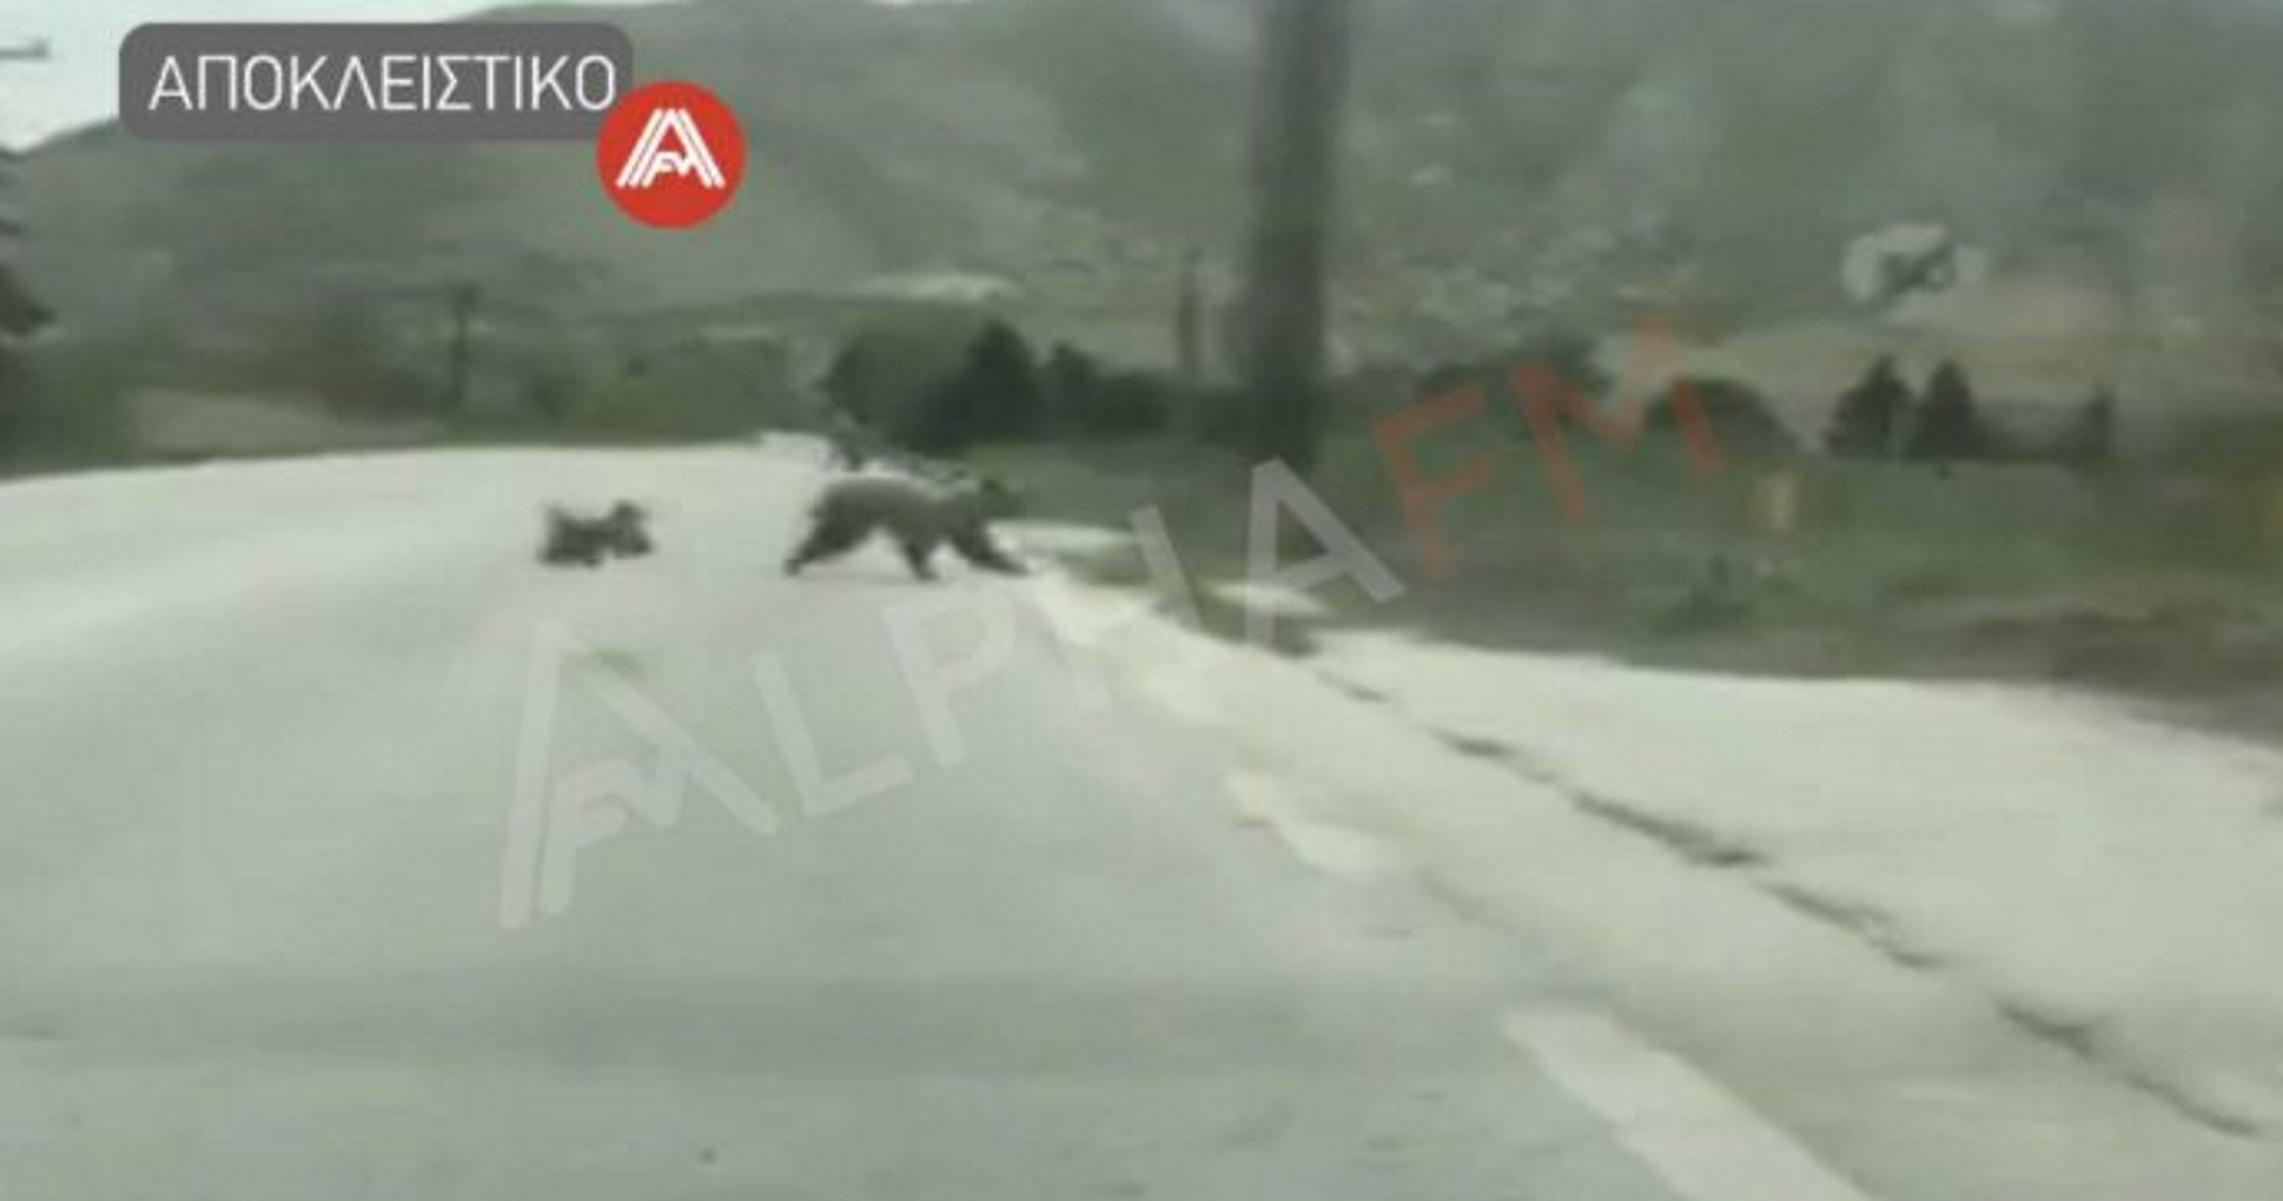 Καστoριά: Κατηφόρισαν πάλι οι αρκούδες κι έγινε χαμός (video)